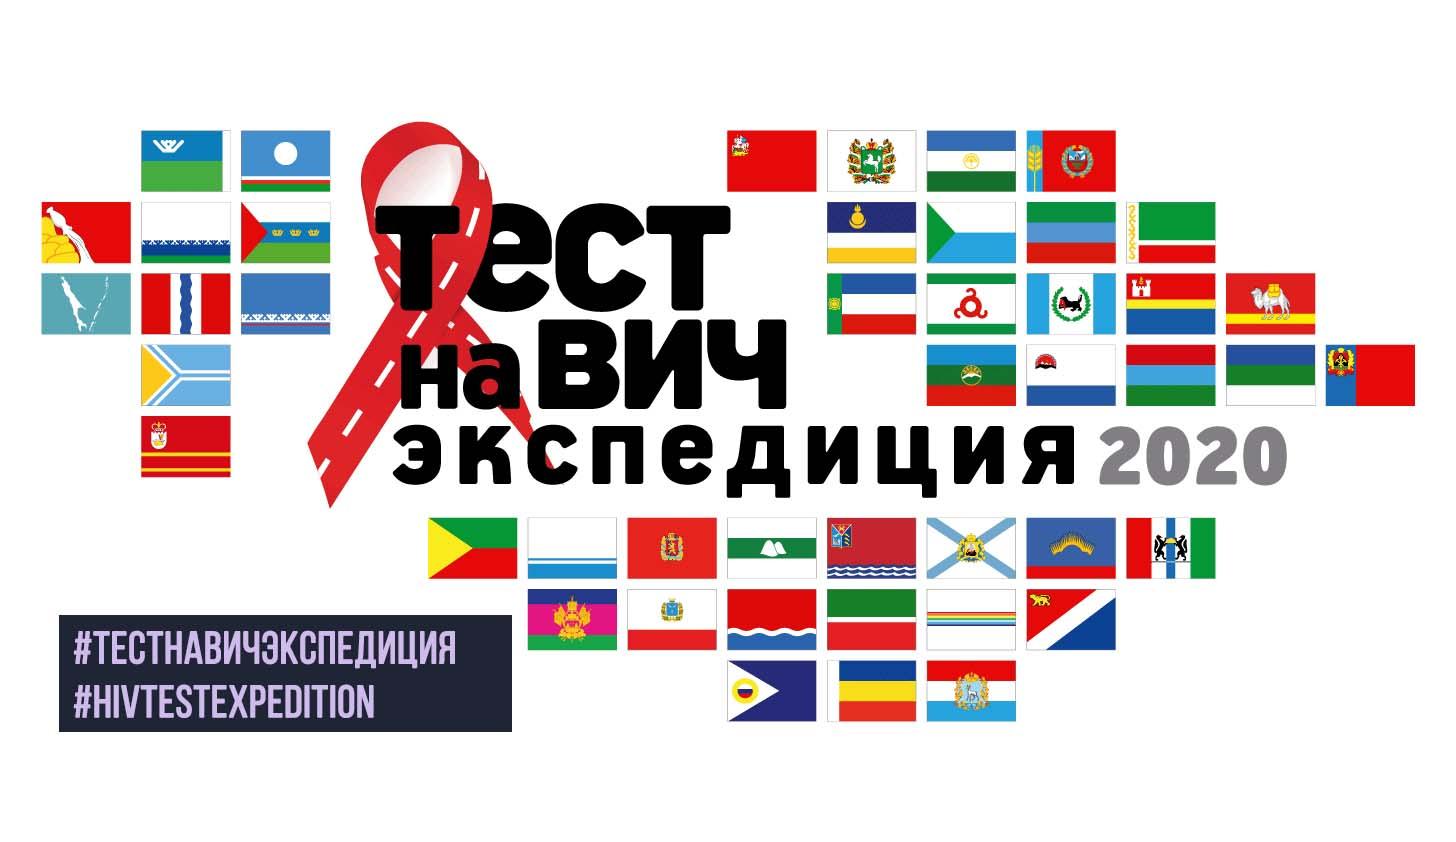 Тест на ВИЧ: Экспедиция 2020